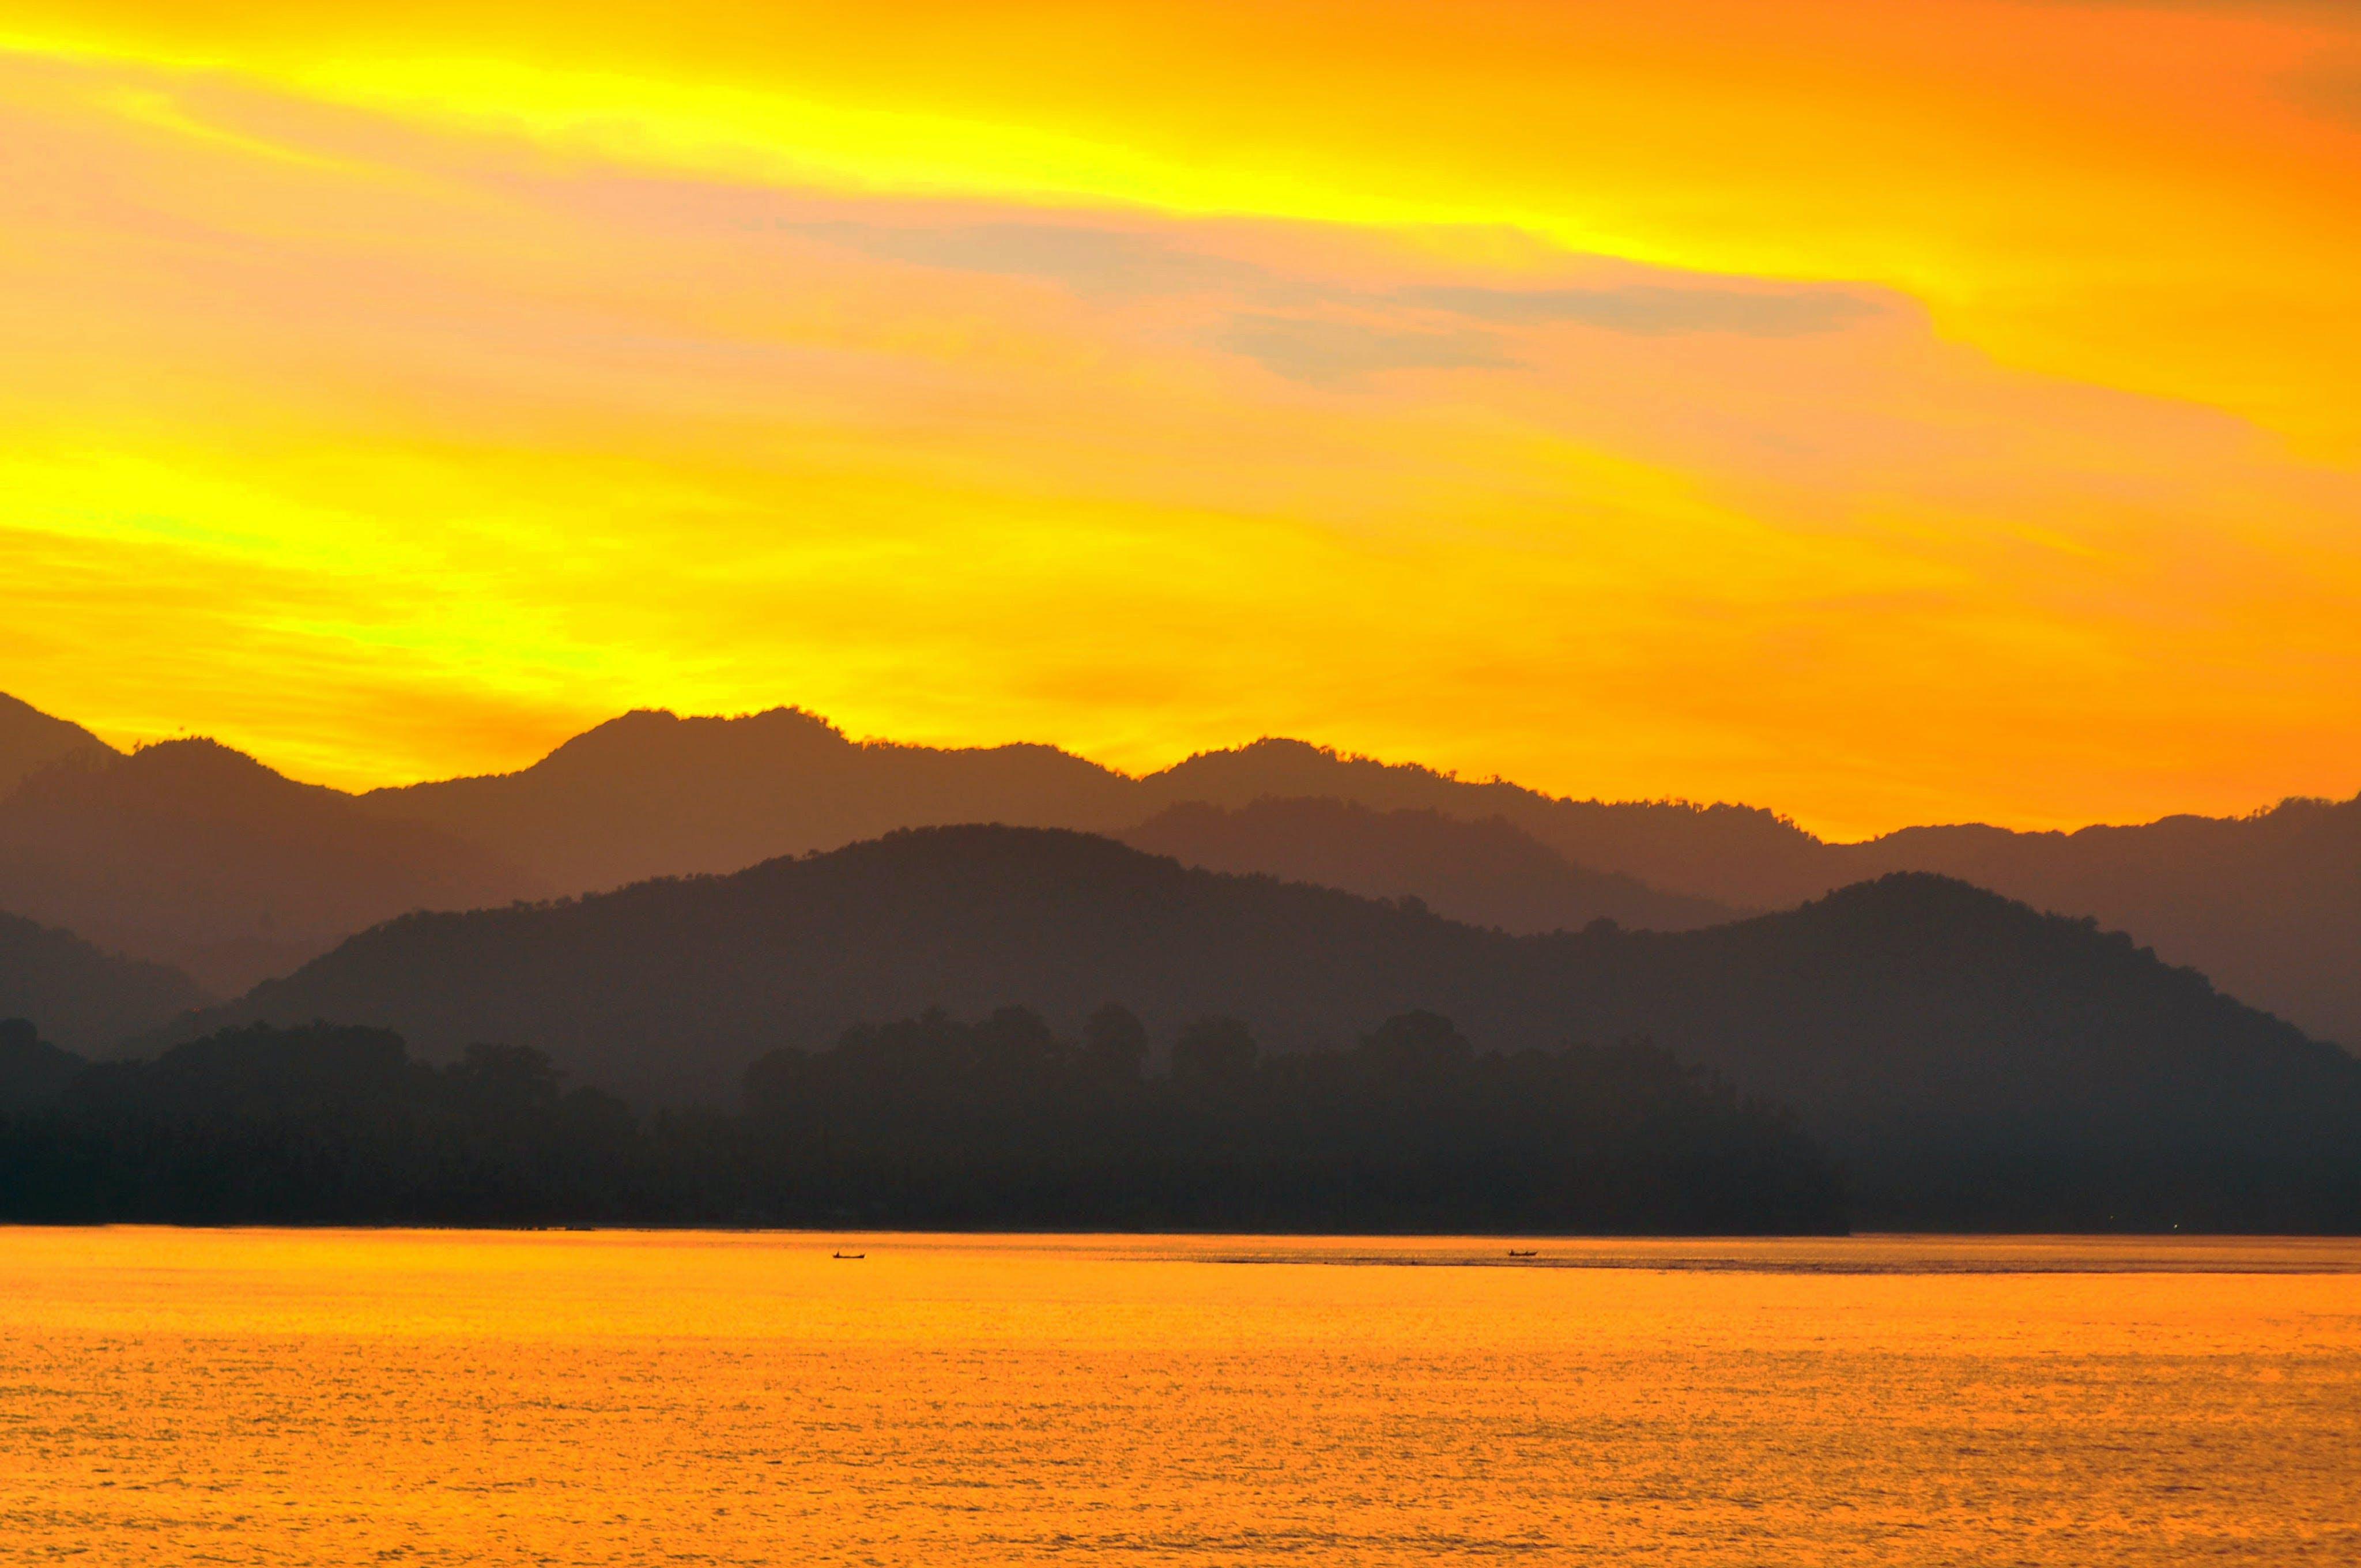 Free stock photo of #sunset #landscape